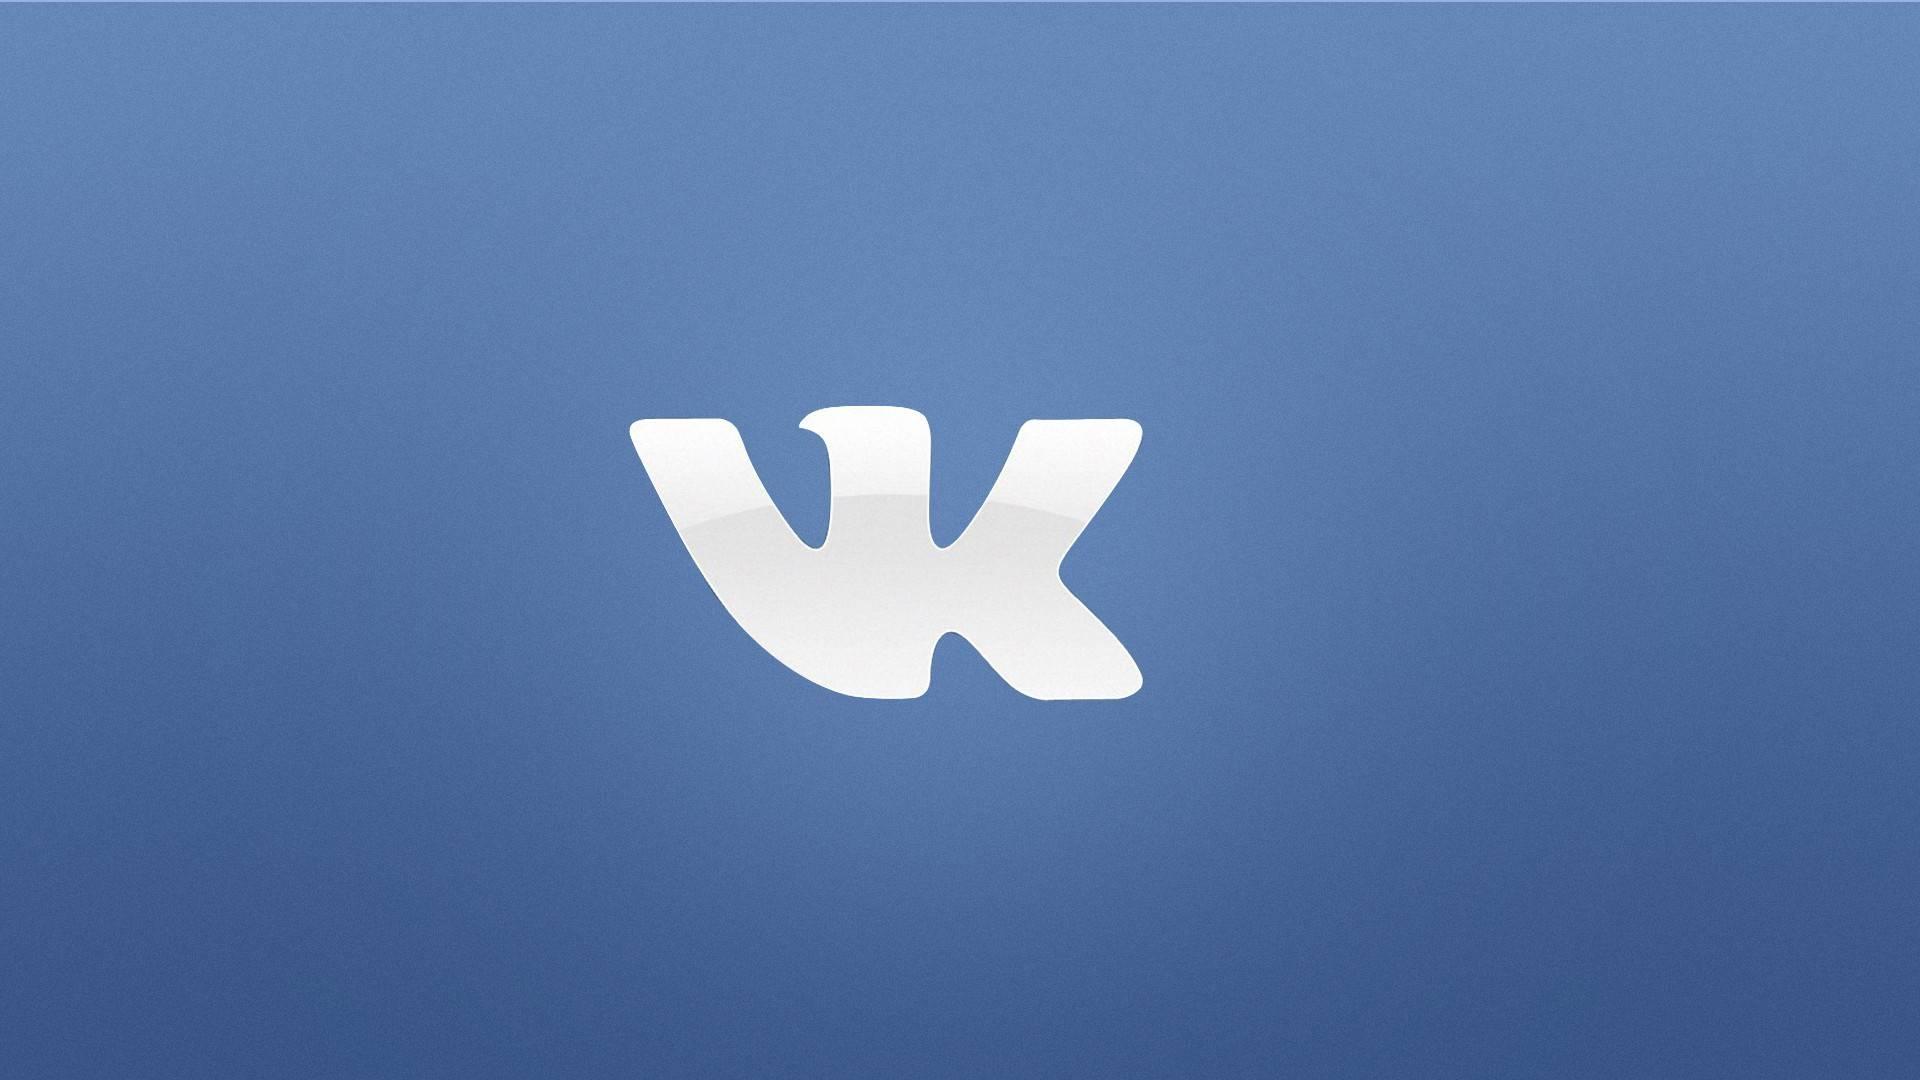 Иллюстрация на тему Скачать ВК 4.8.3 на Андроид: старая версия приложения ВКонтакте